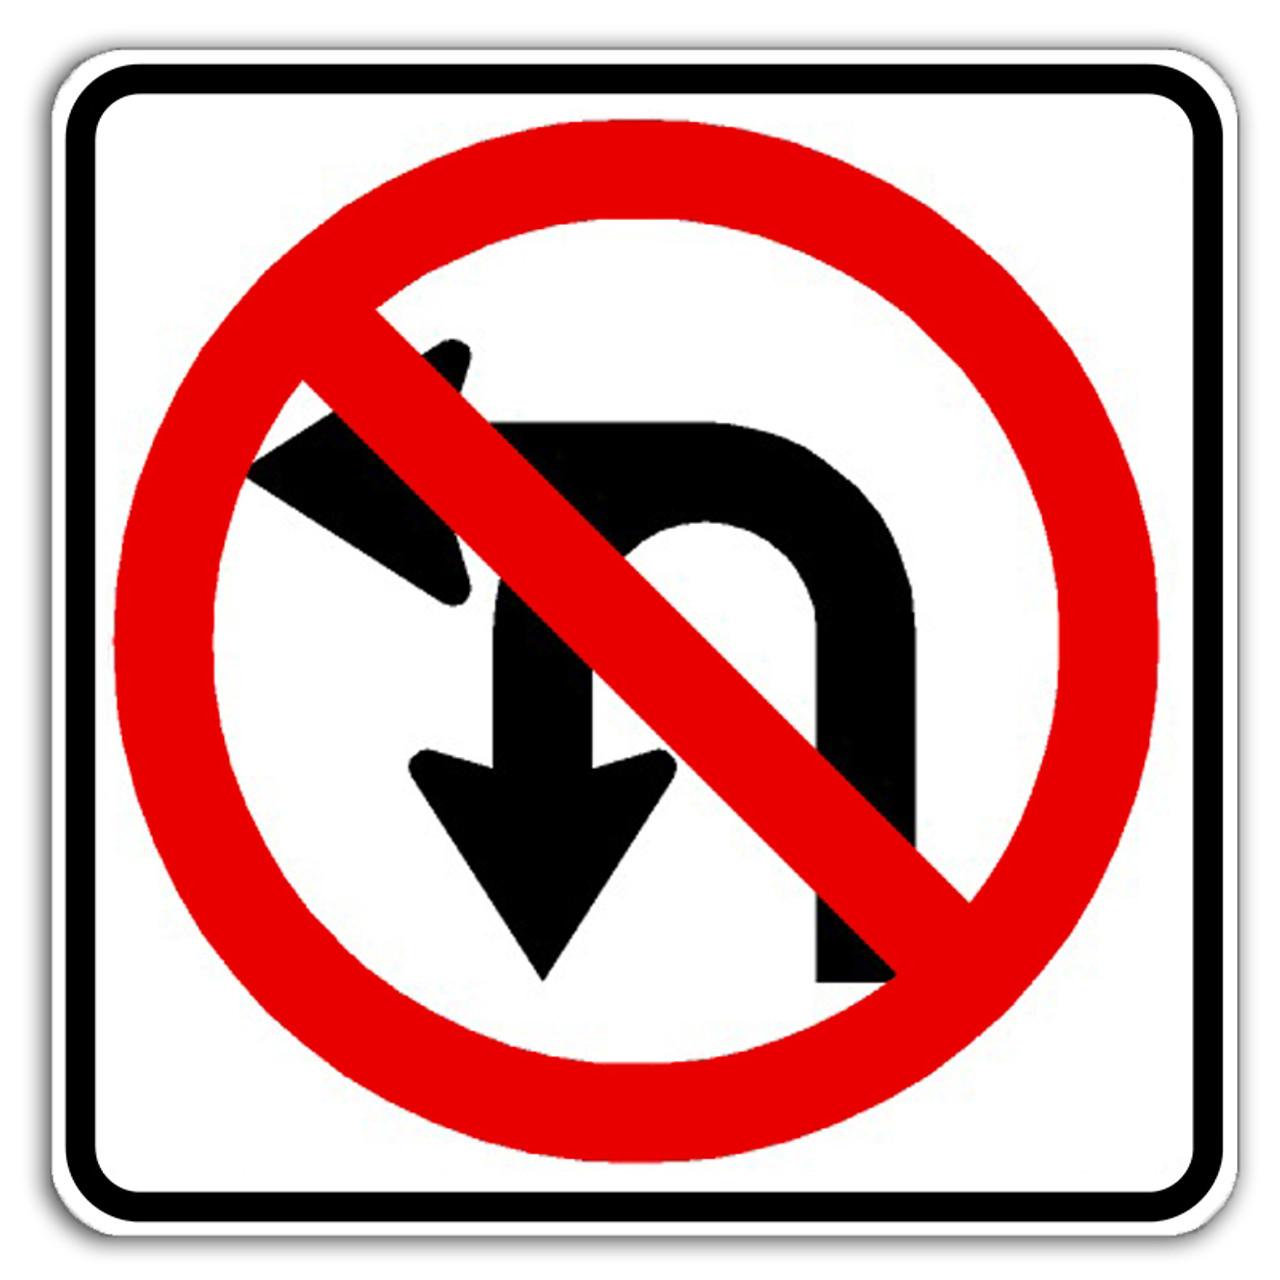 R3-18 No U/Left Turn Sign | Dornbos Sign & Safety, Inc.